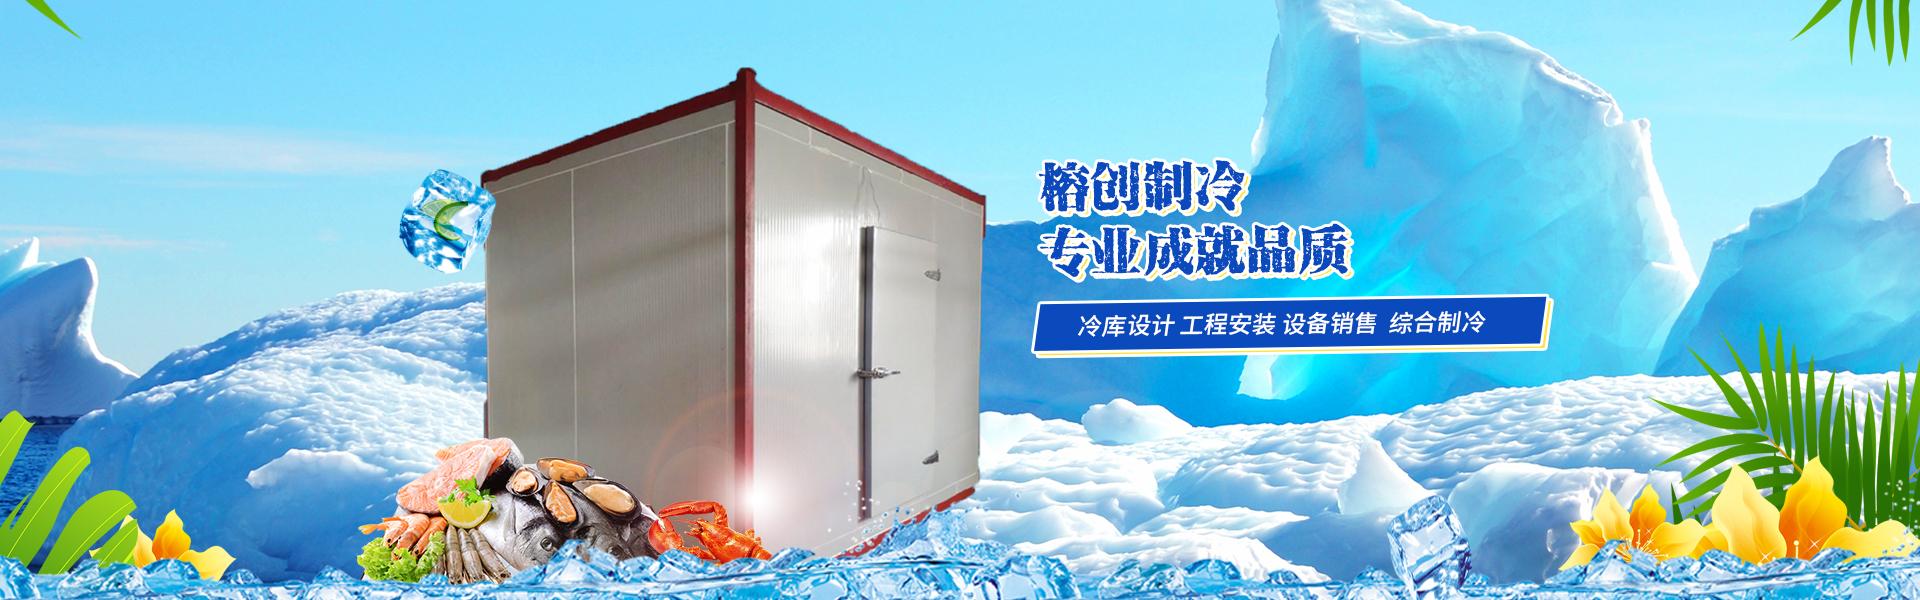 医院专用冷库是采用双温库的